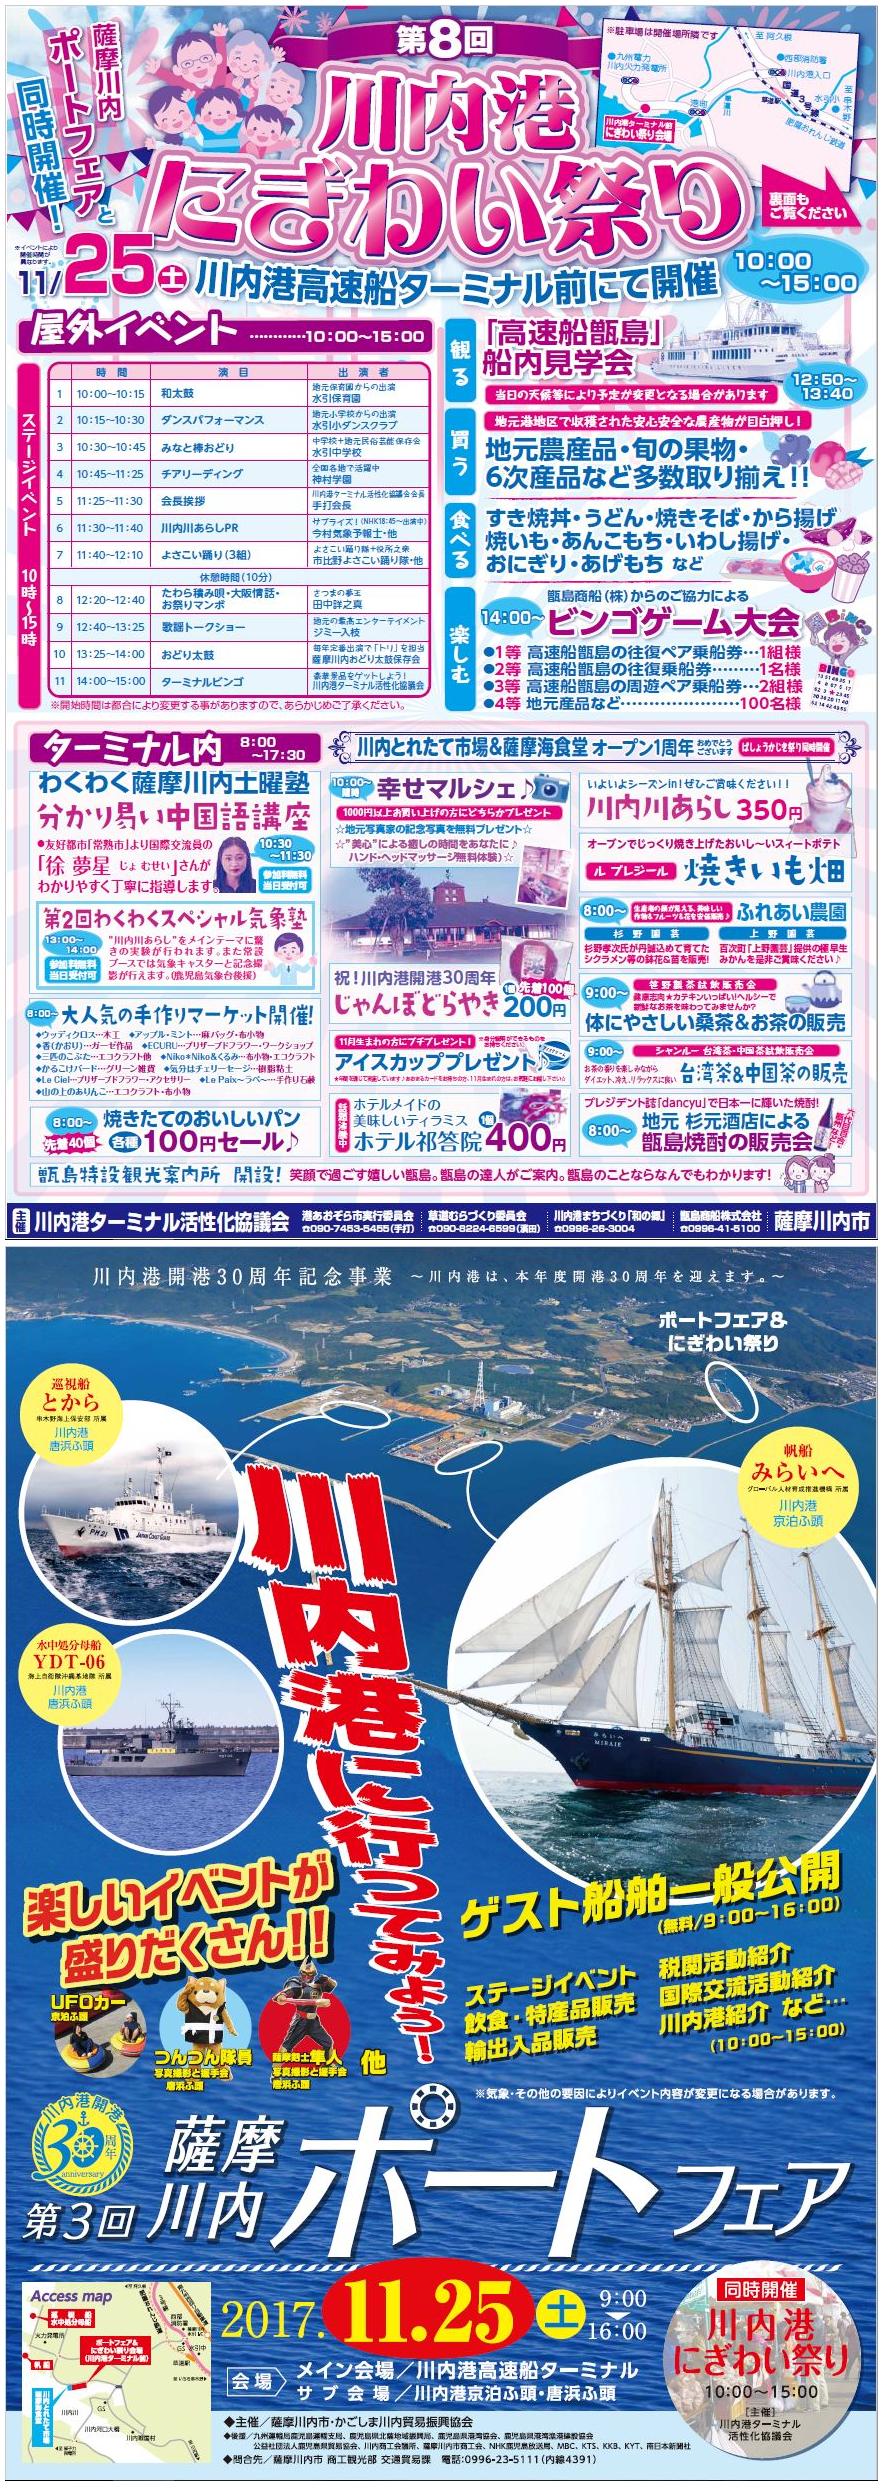 「川内港にぎわい祭り」と「薩摩川内ポートフェア」の案内